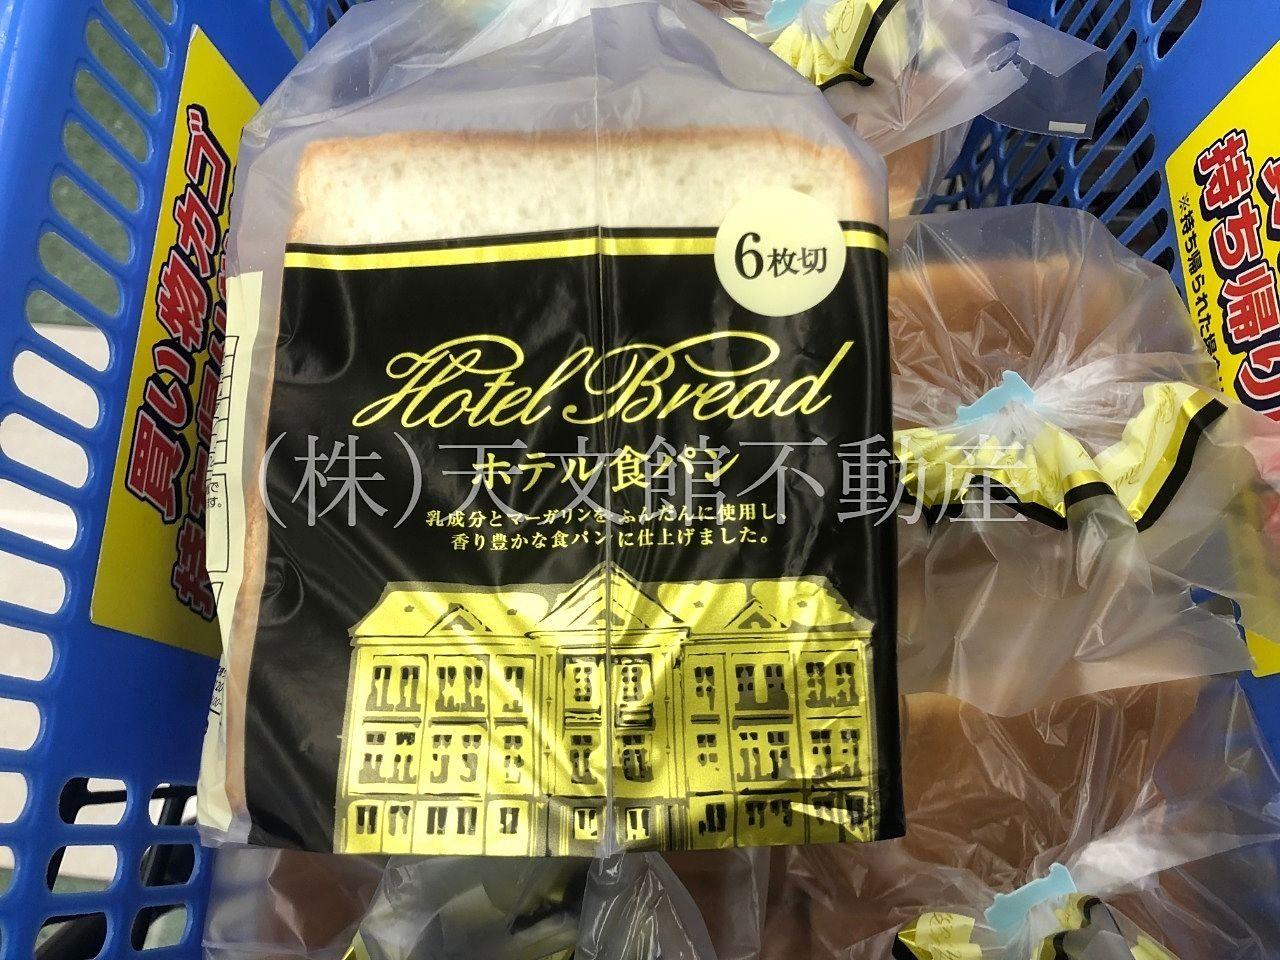 鹿児島 コスモス ホテル食パン